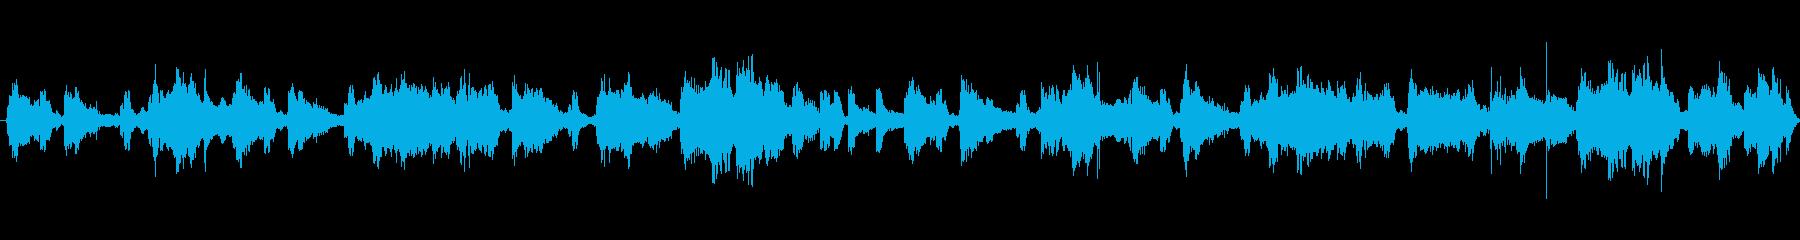 幸せウクレレとストリングス15秒ループの再生済みの波形